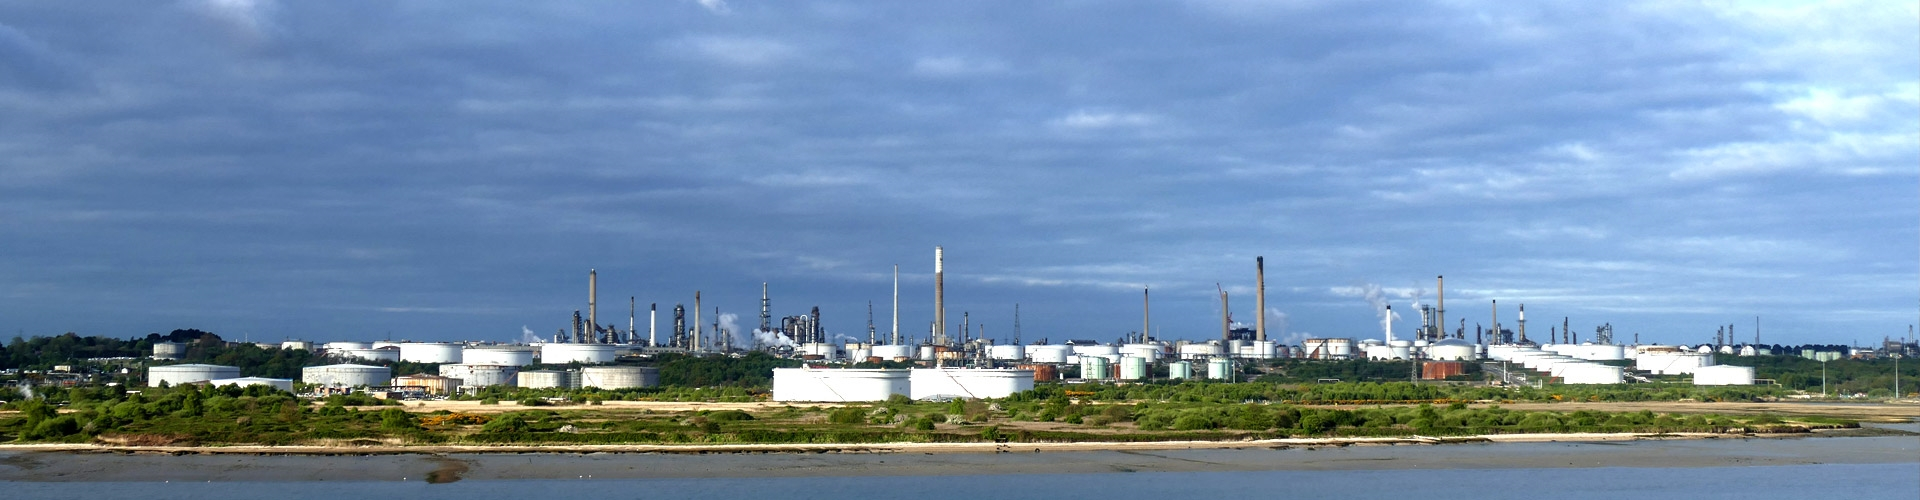 Peiyang Chemical Equipment Co., Ltd (@peiyang) Cover Image